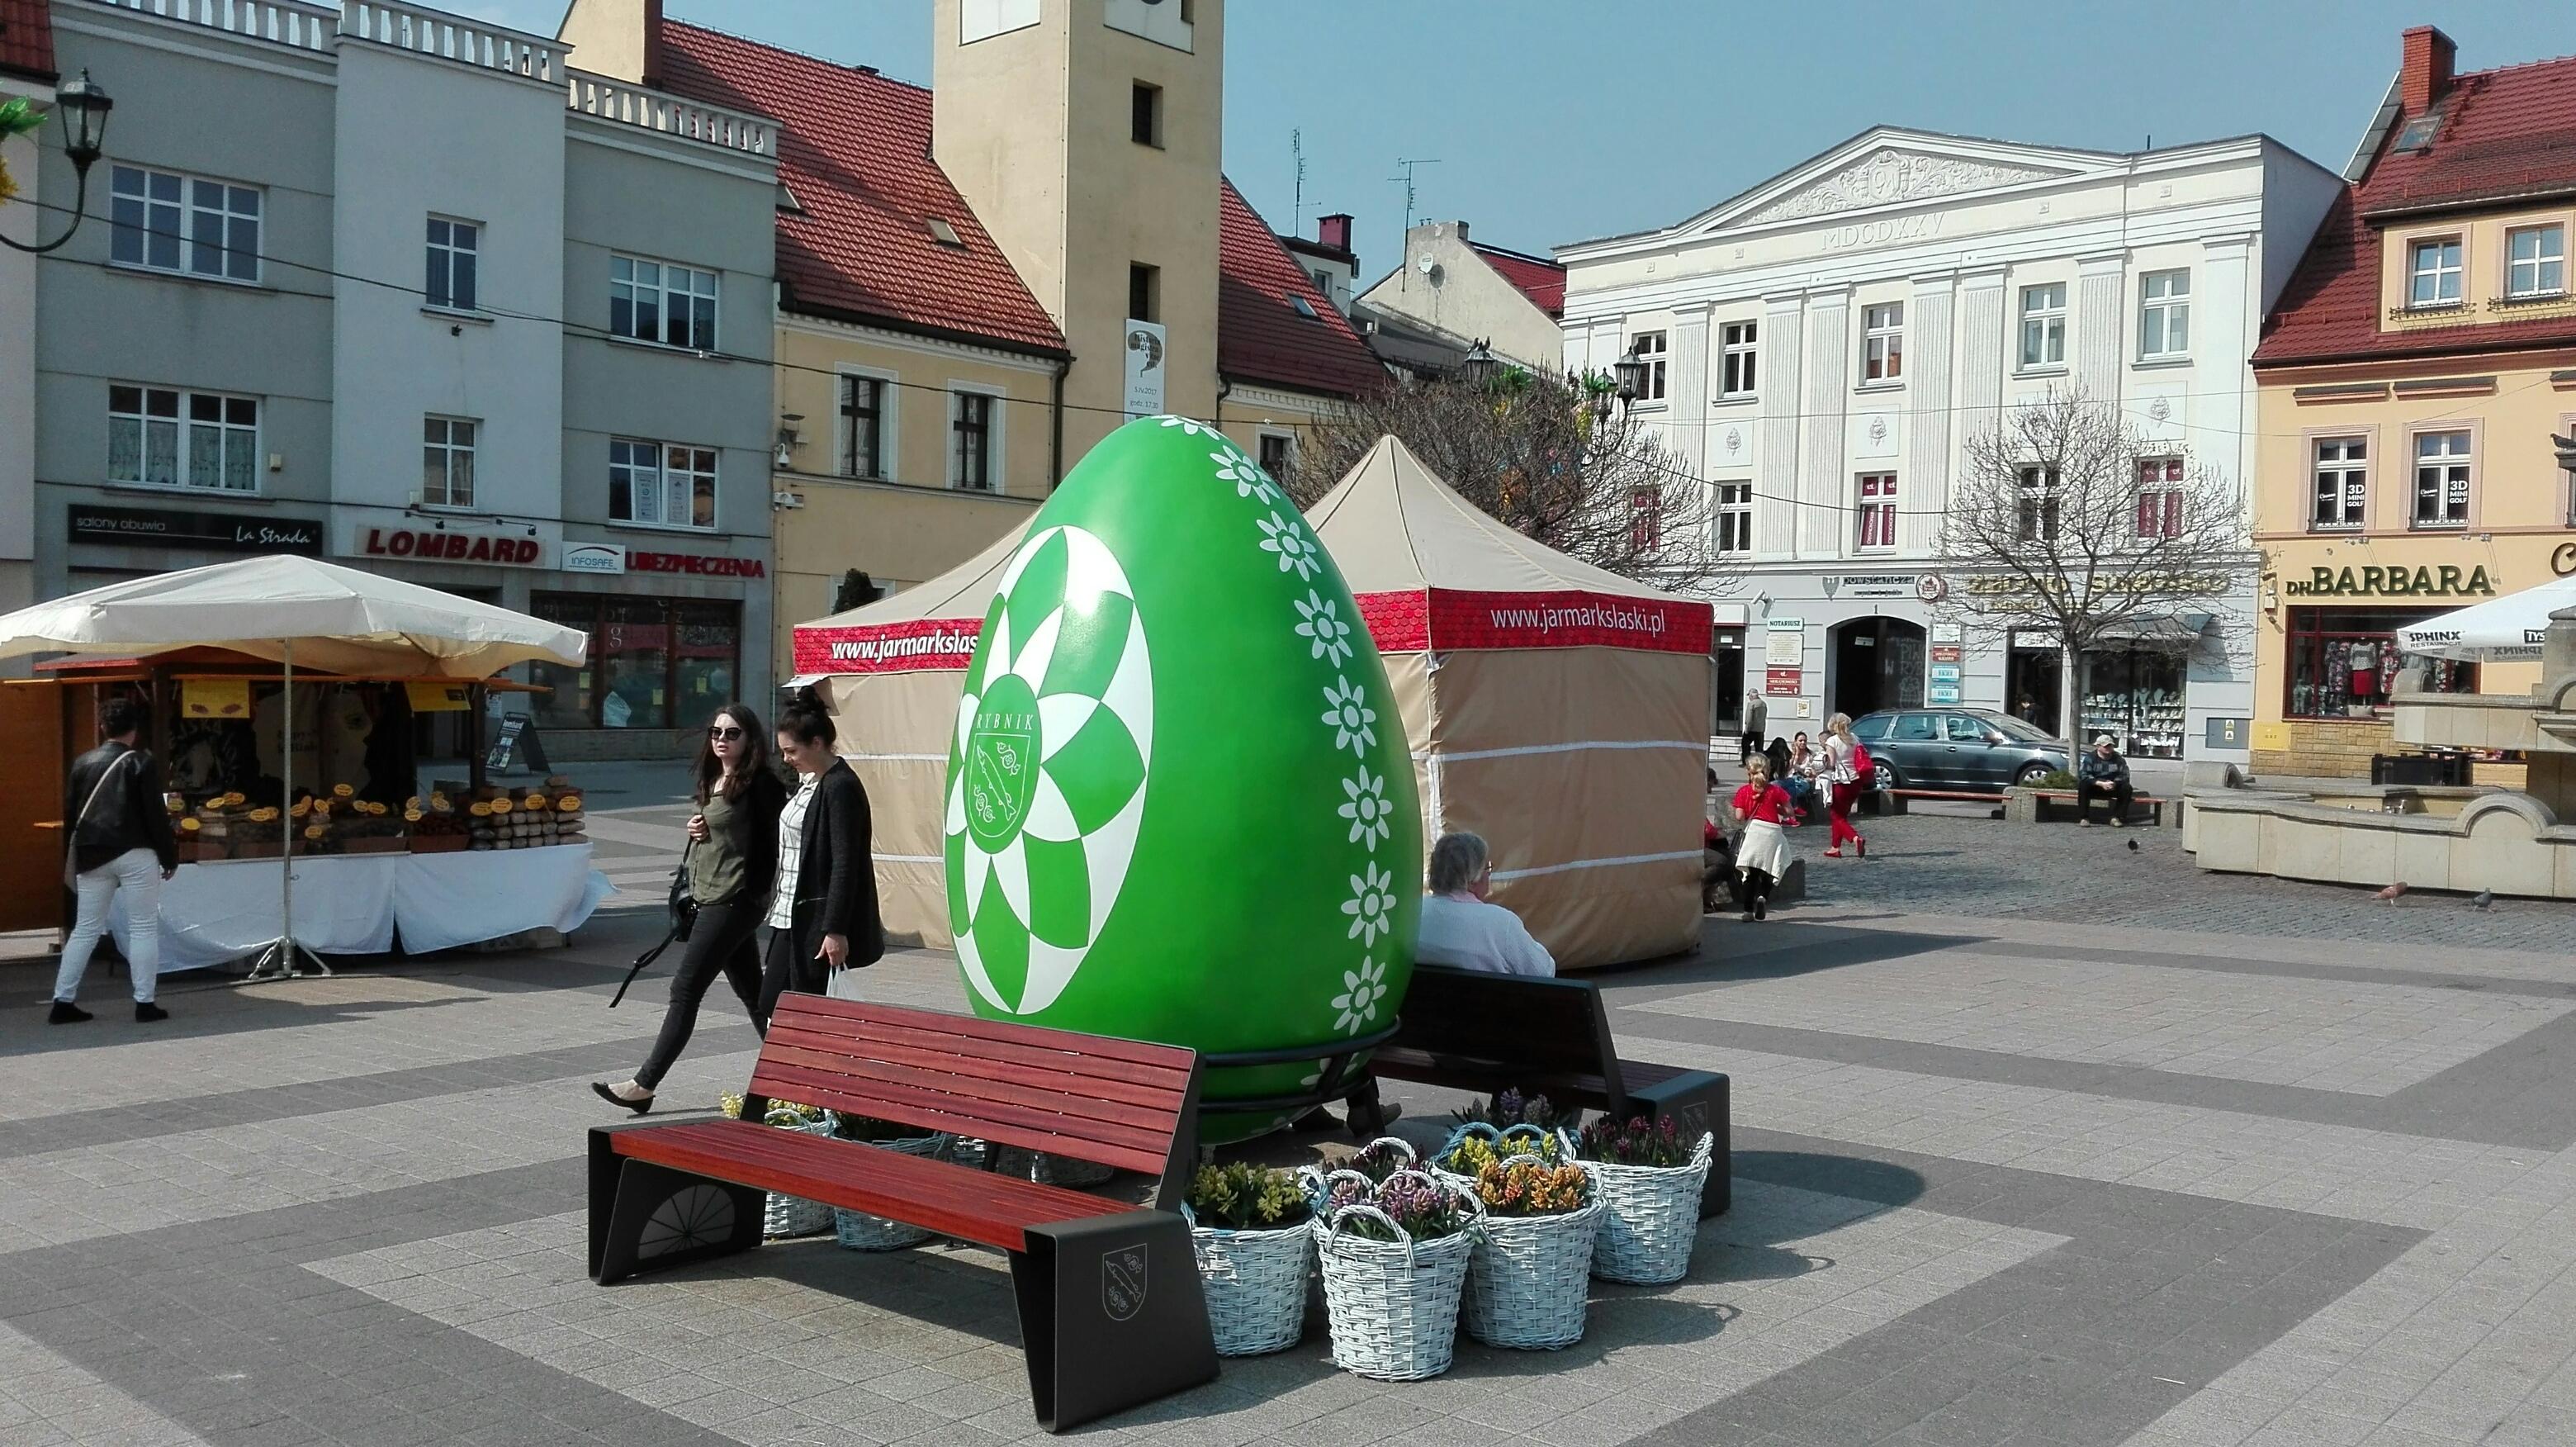 Szczupak na zielono, czyli wielka pisanka na rybnickim rynku